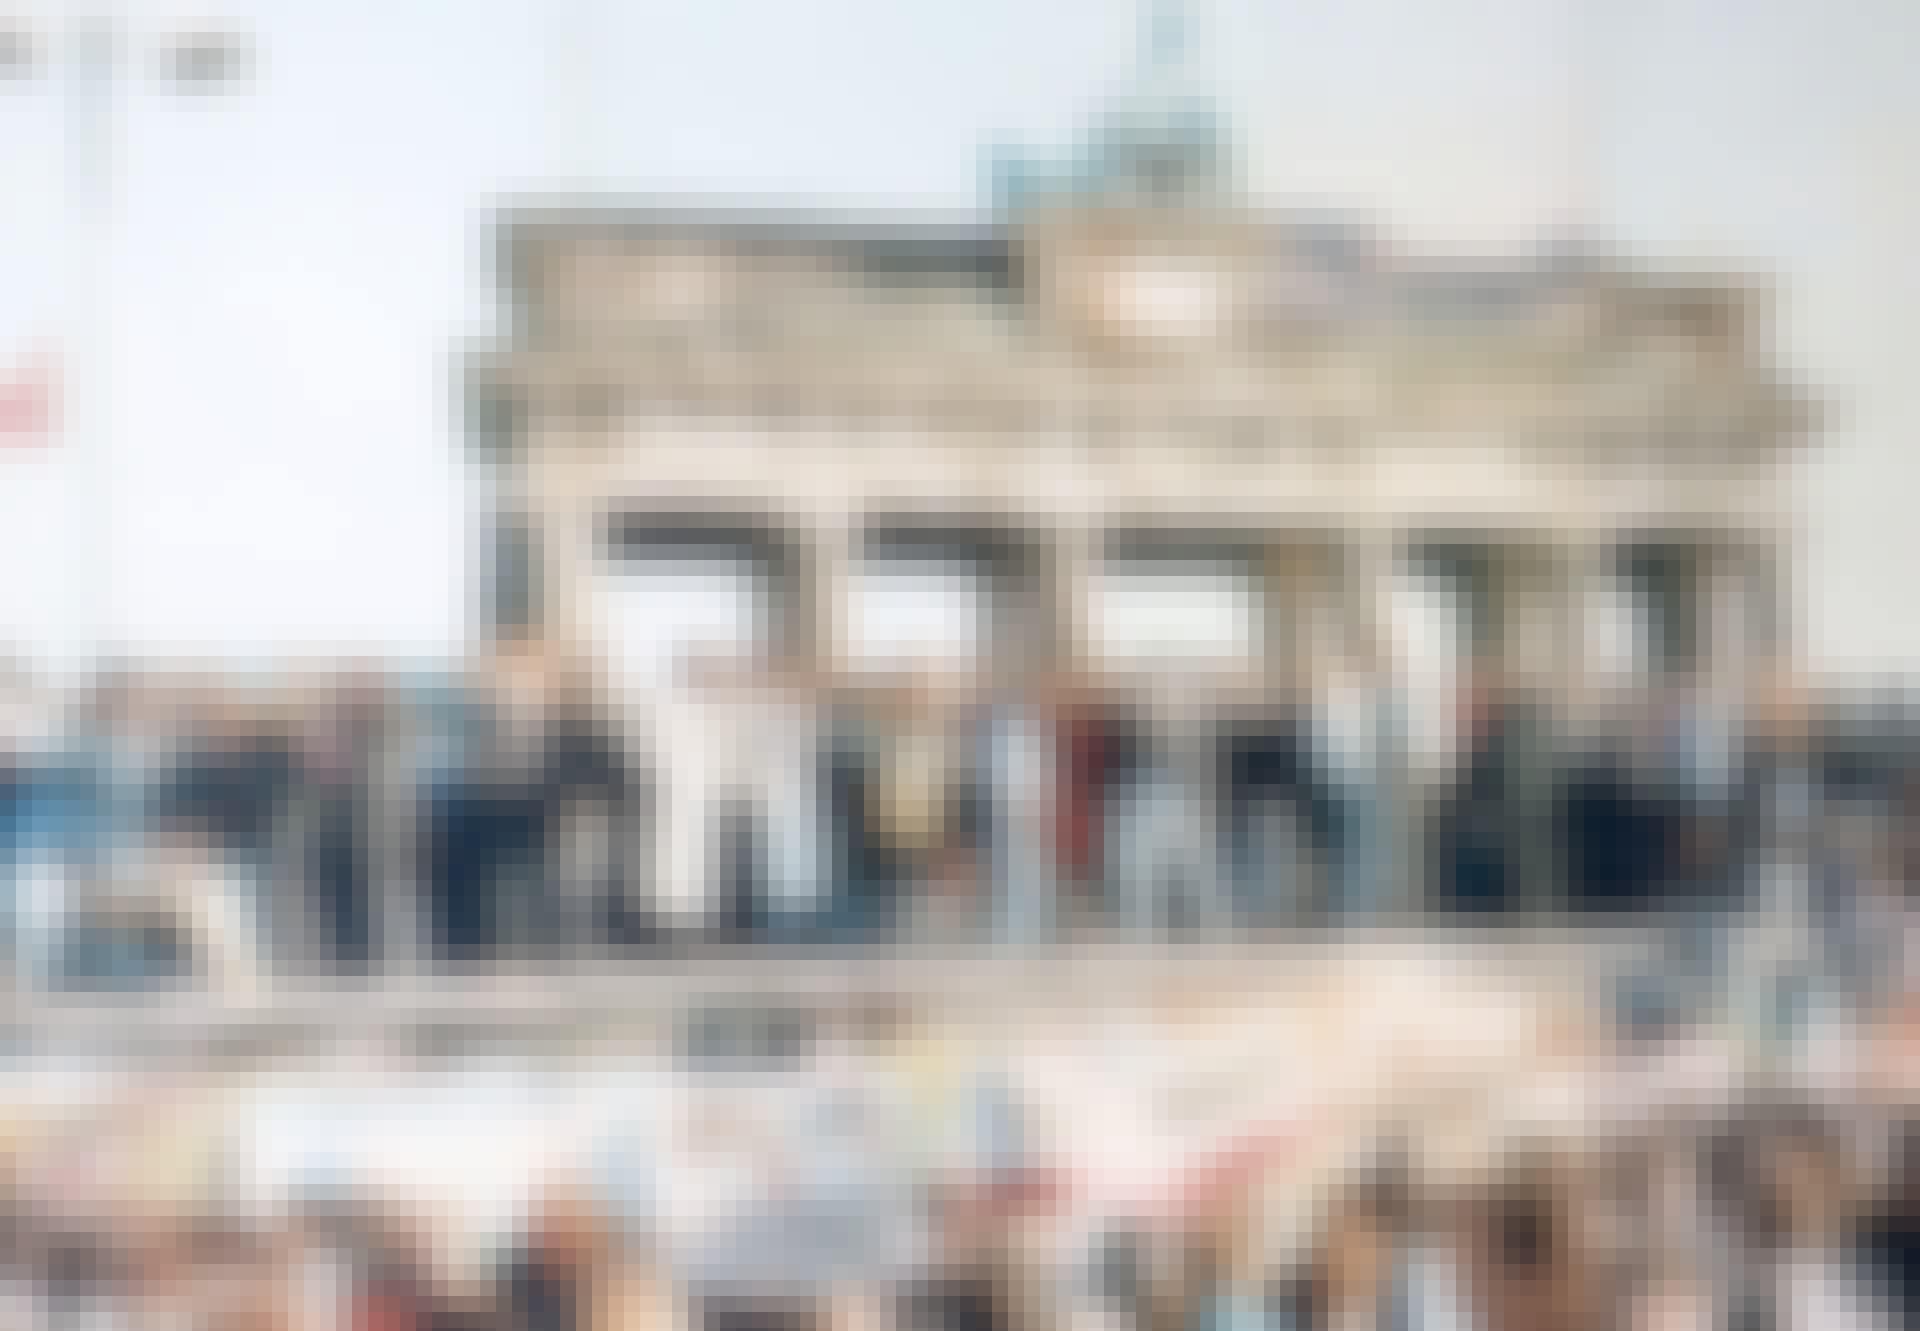 Människor står på Berlinmuren framför Brandenburger Tor